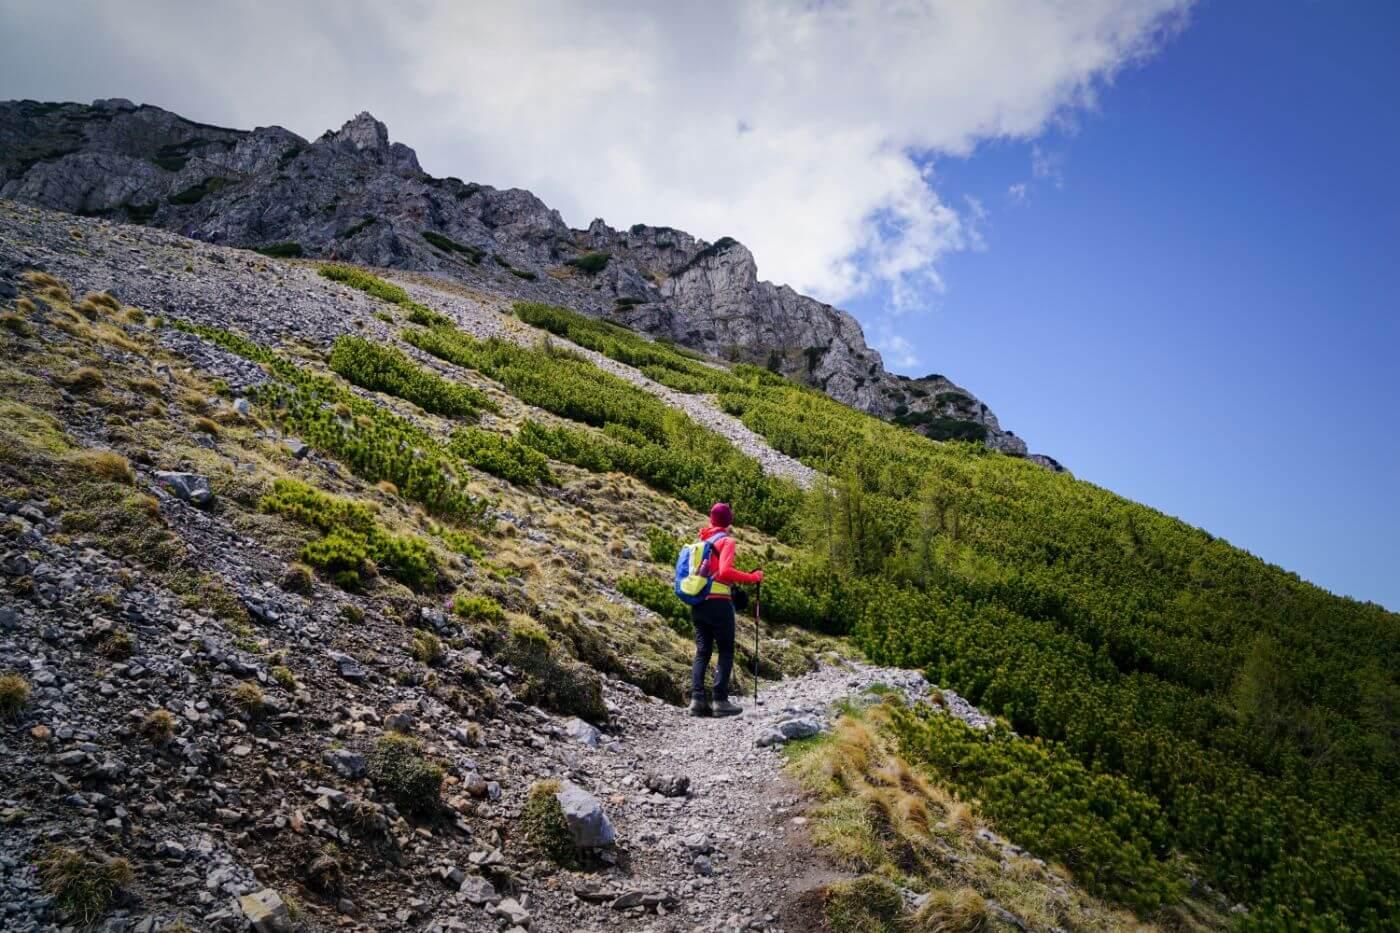 Fadensteig Schneeberg Day Hike, Vienna Mountains